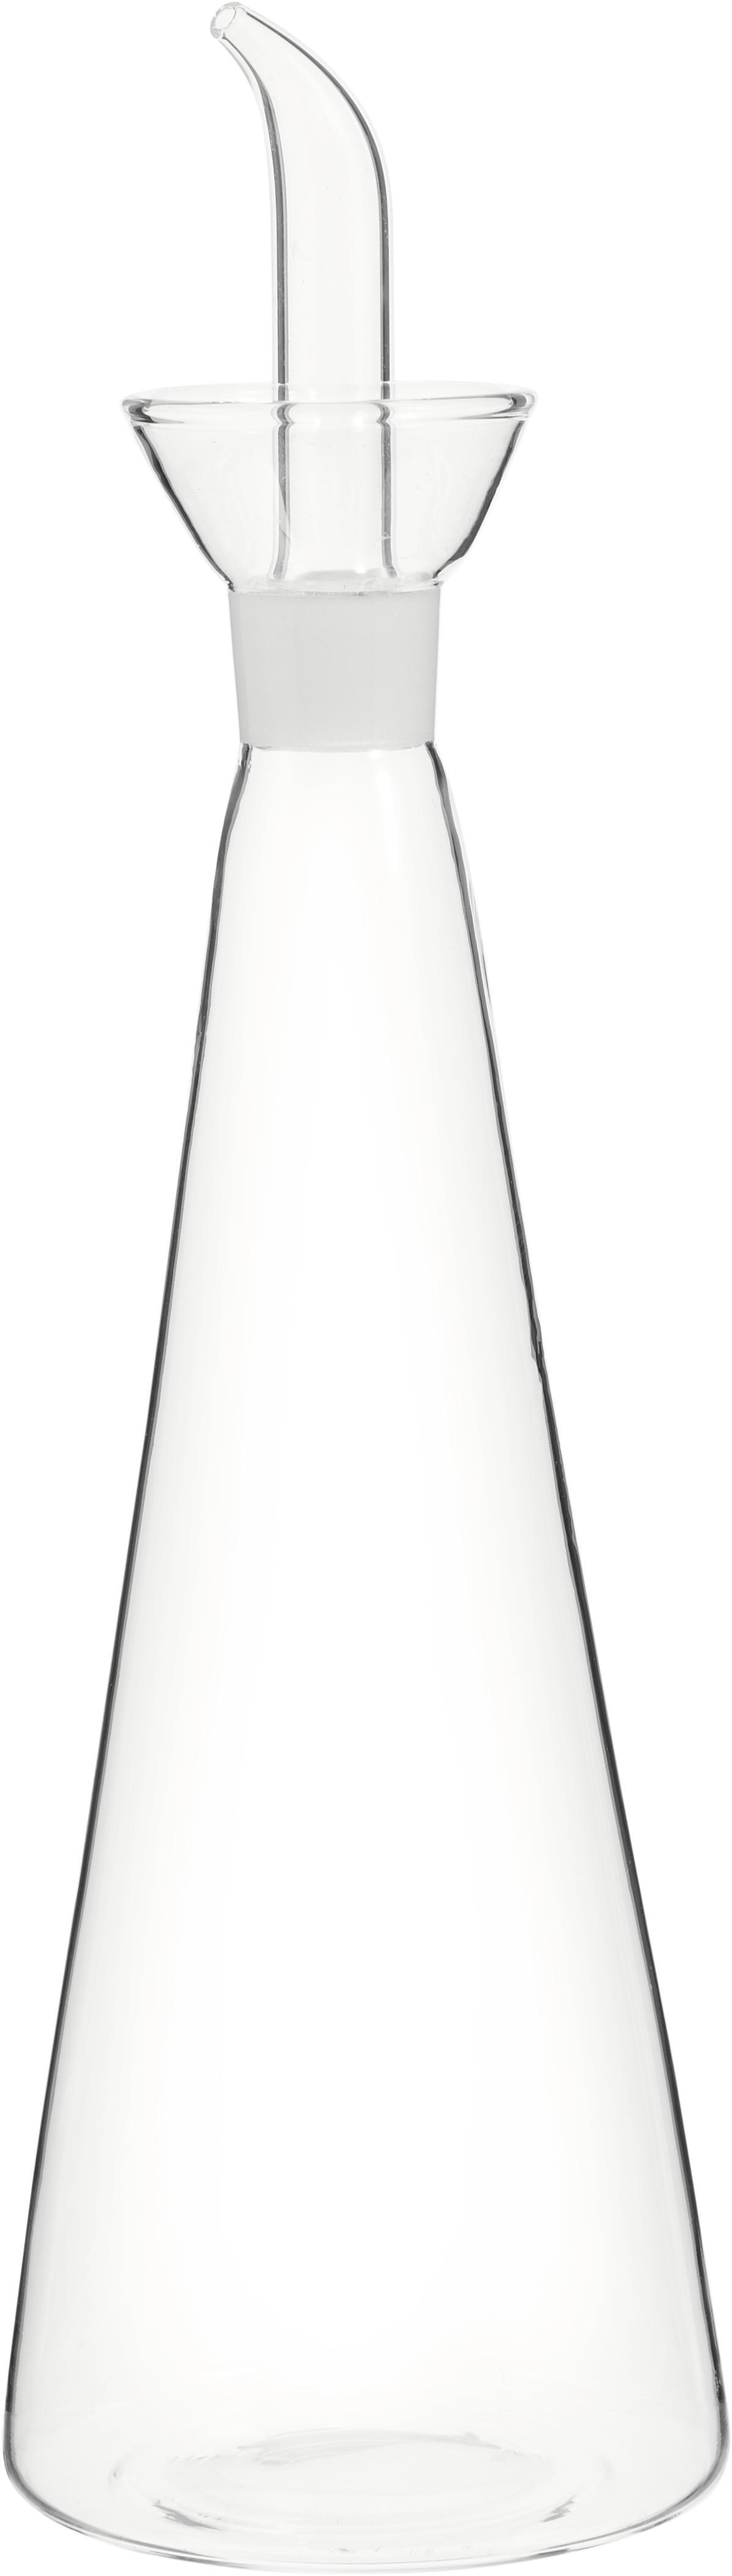 Butelkę na oliwę Paul, Transparentny, 29 cm